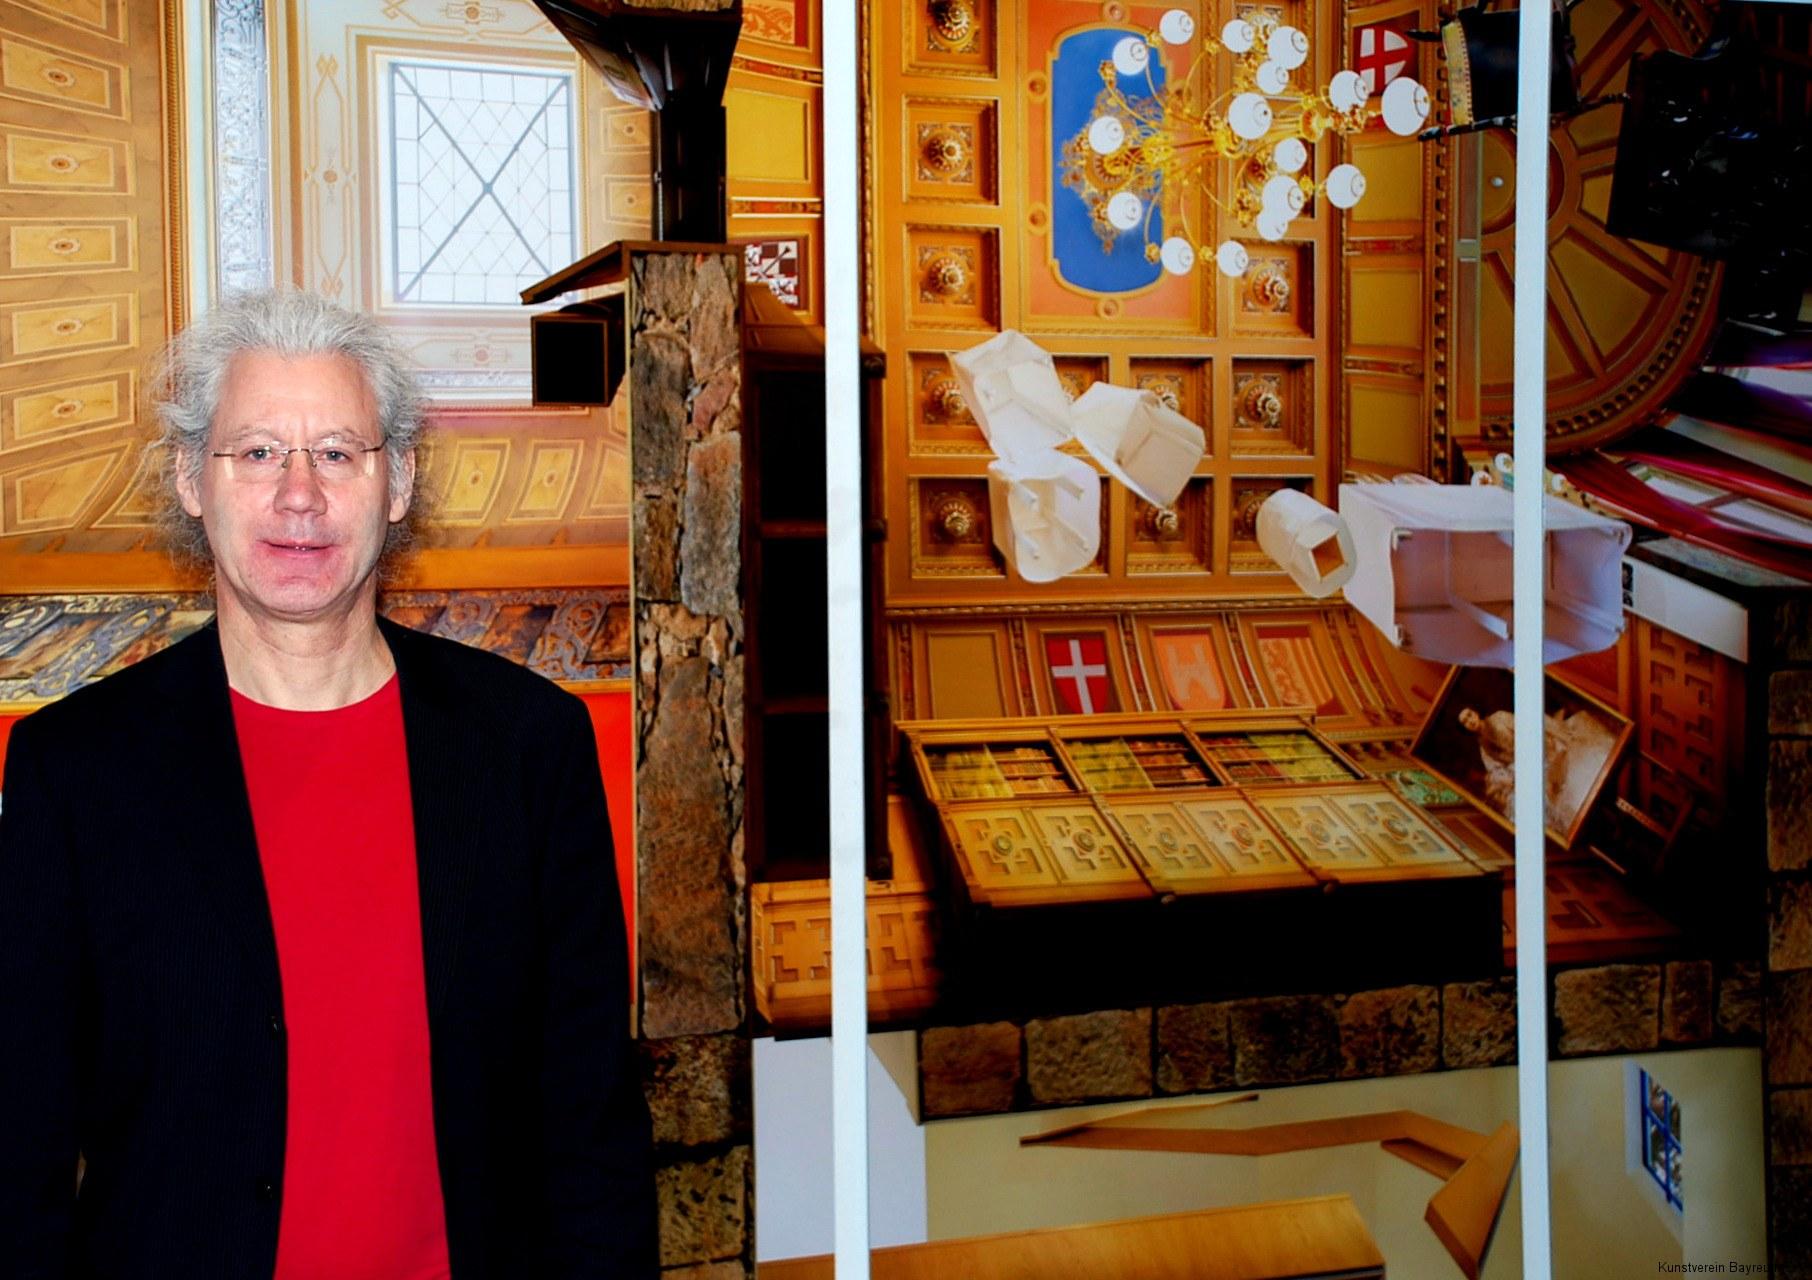 Der Künstler Michal M. Rohde vor seinem Werk